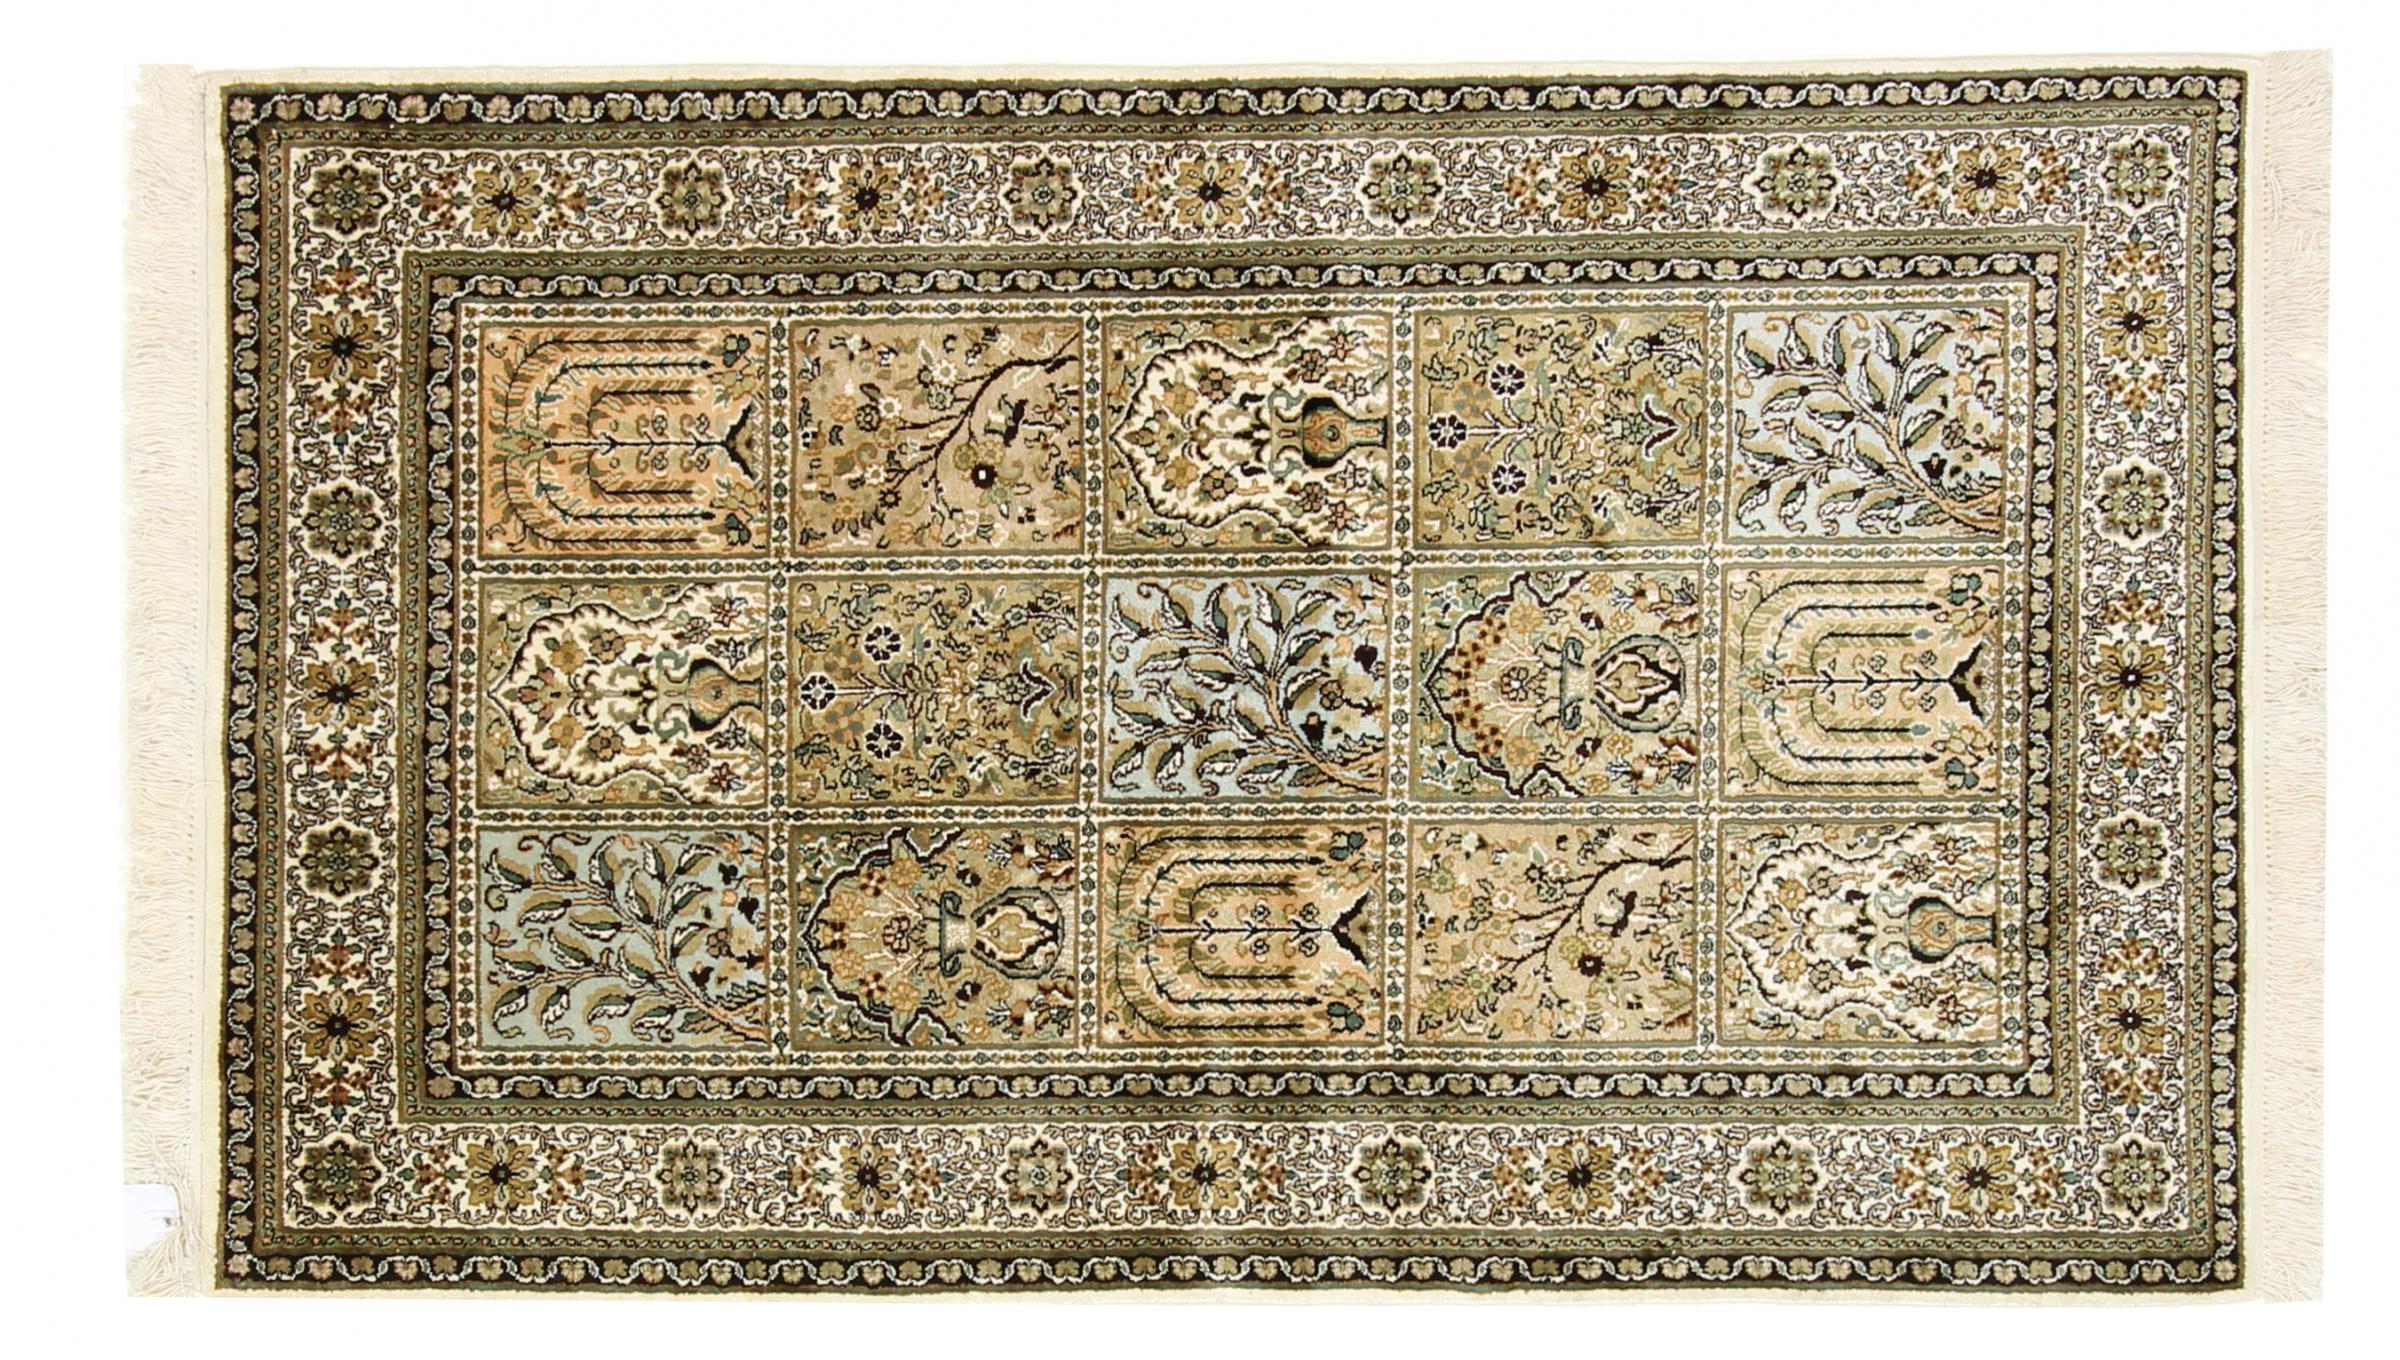 kaschmir reine seide indischer teppich 152x92 id33749. Black Bedroom Furniture Sets. Home Design Ideas